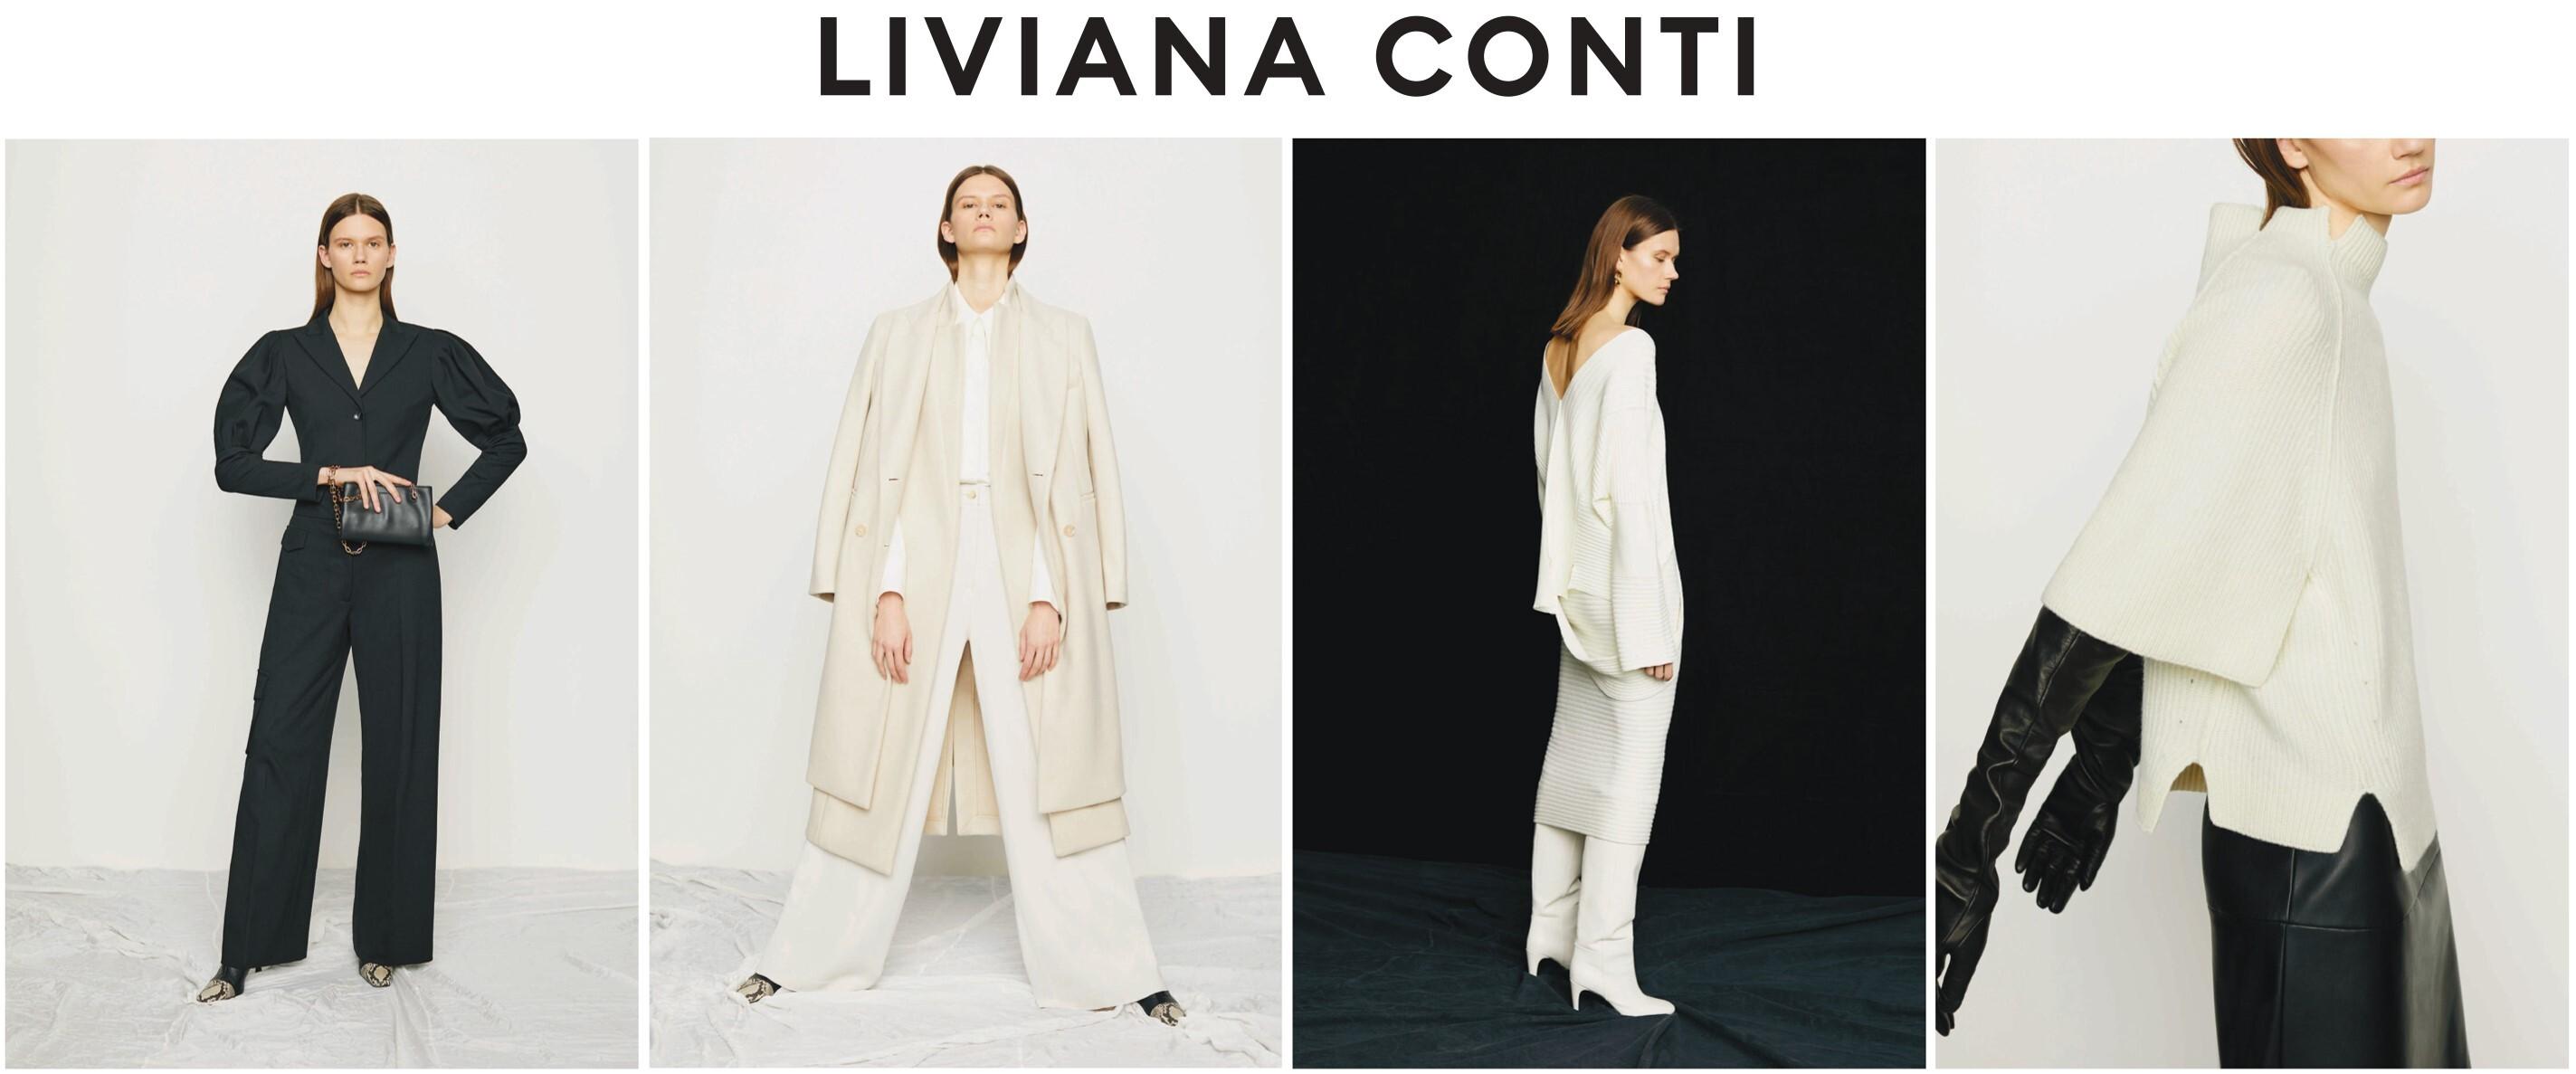 リビアナ コンティ Liviana Conti オンラインストア